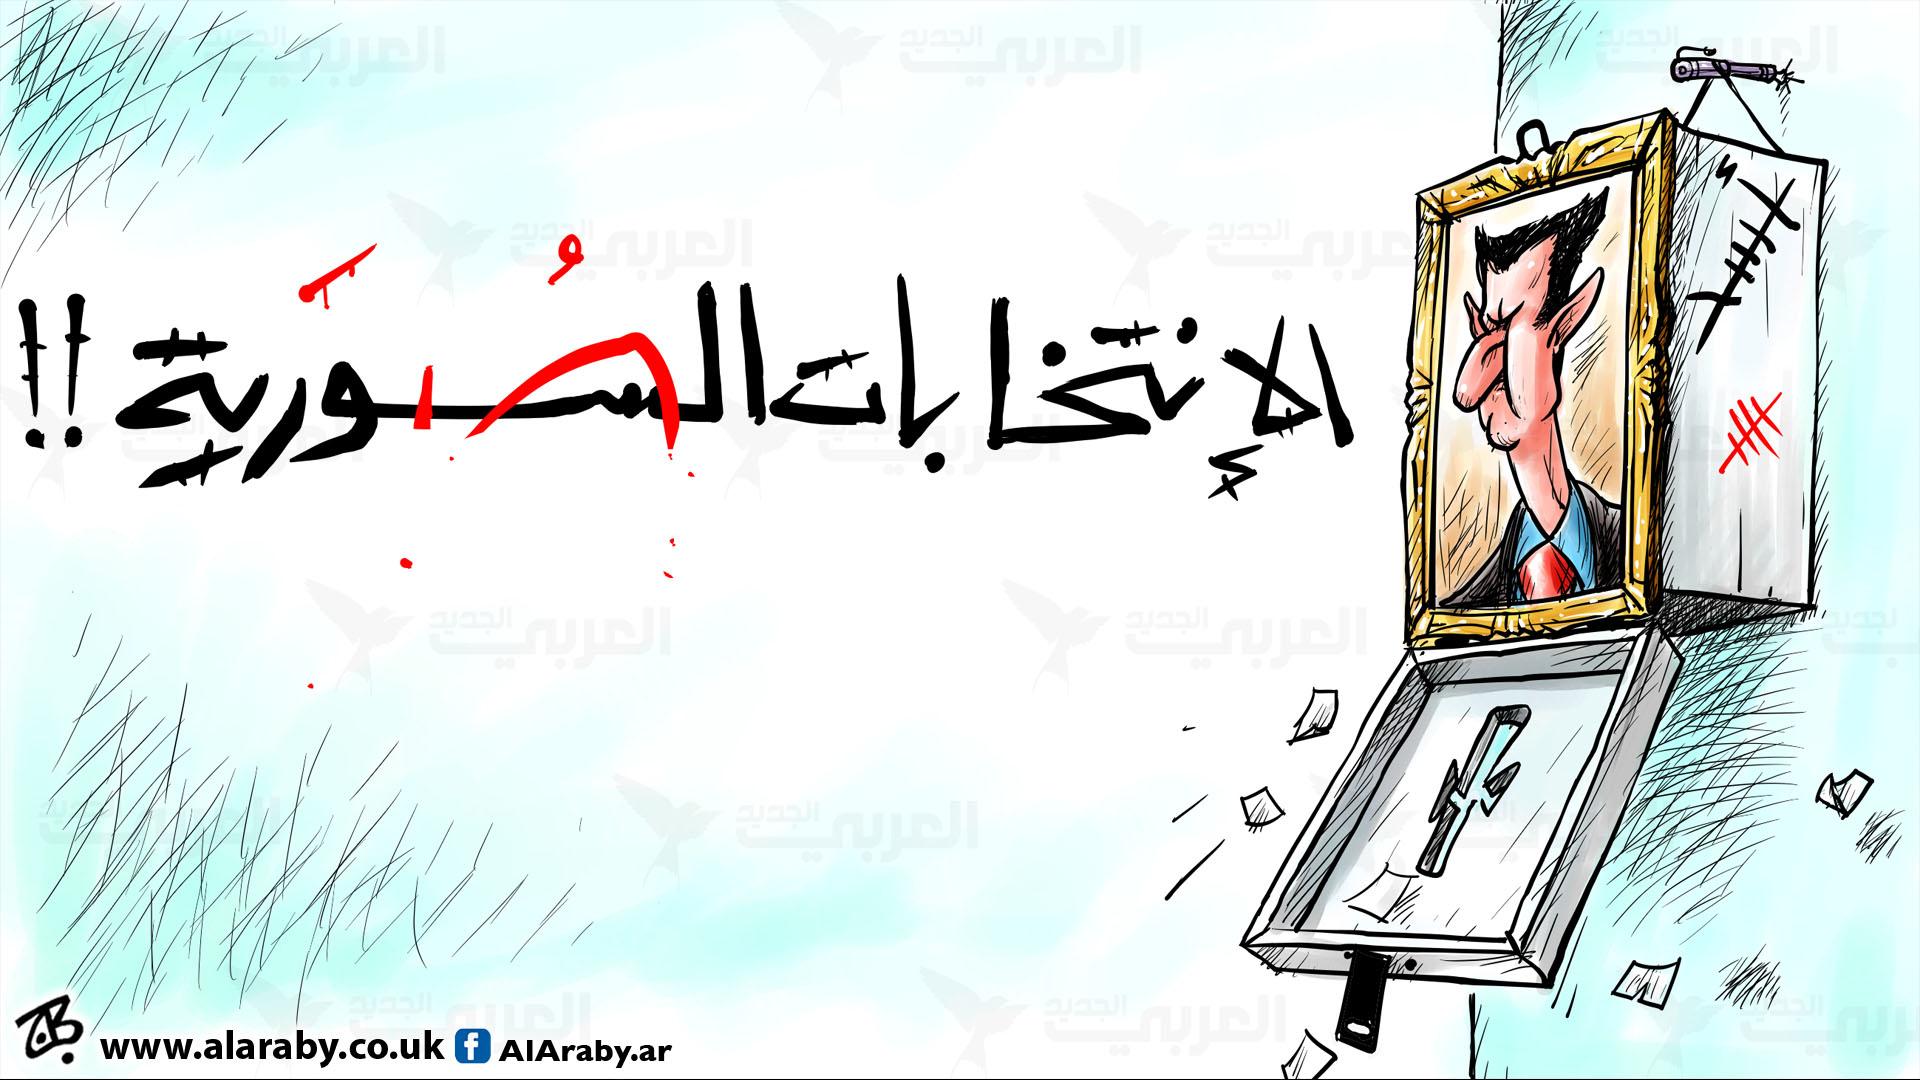 كيف تفاعل السوريون مع إعلان مجلس الشعب فتح باب الترشح لانتخابات الرئاسة ؟